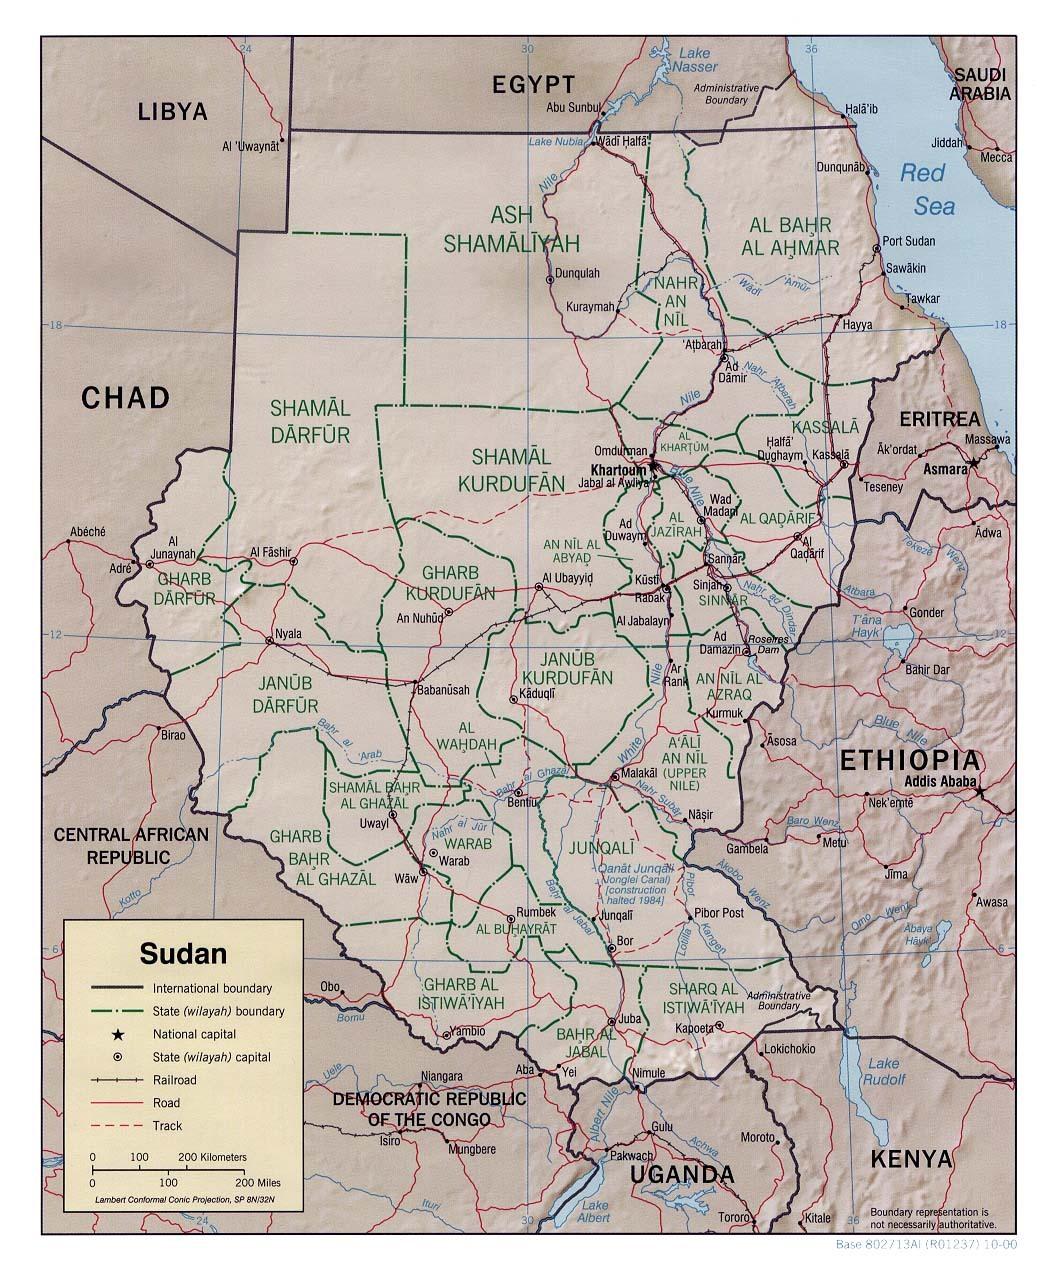 利比亚行政区划